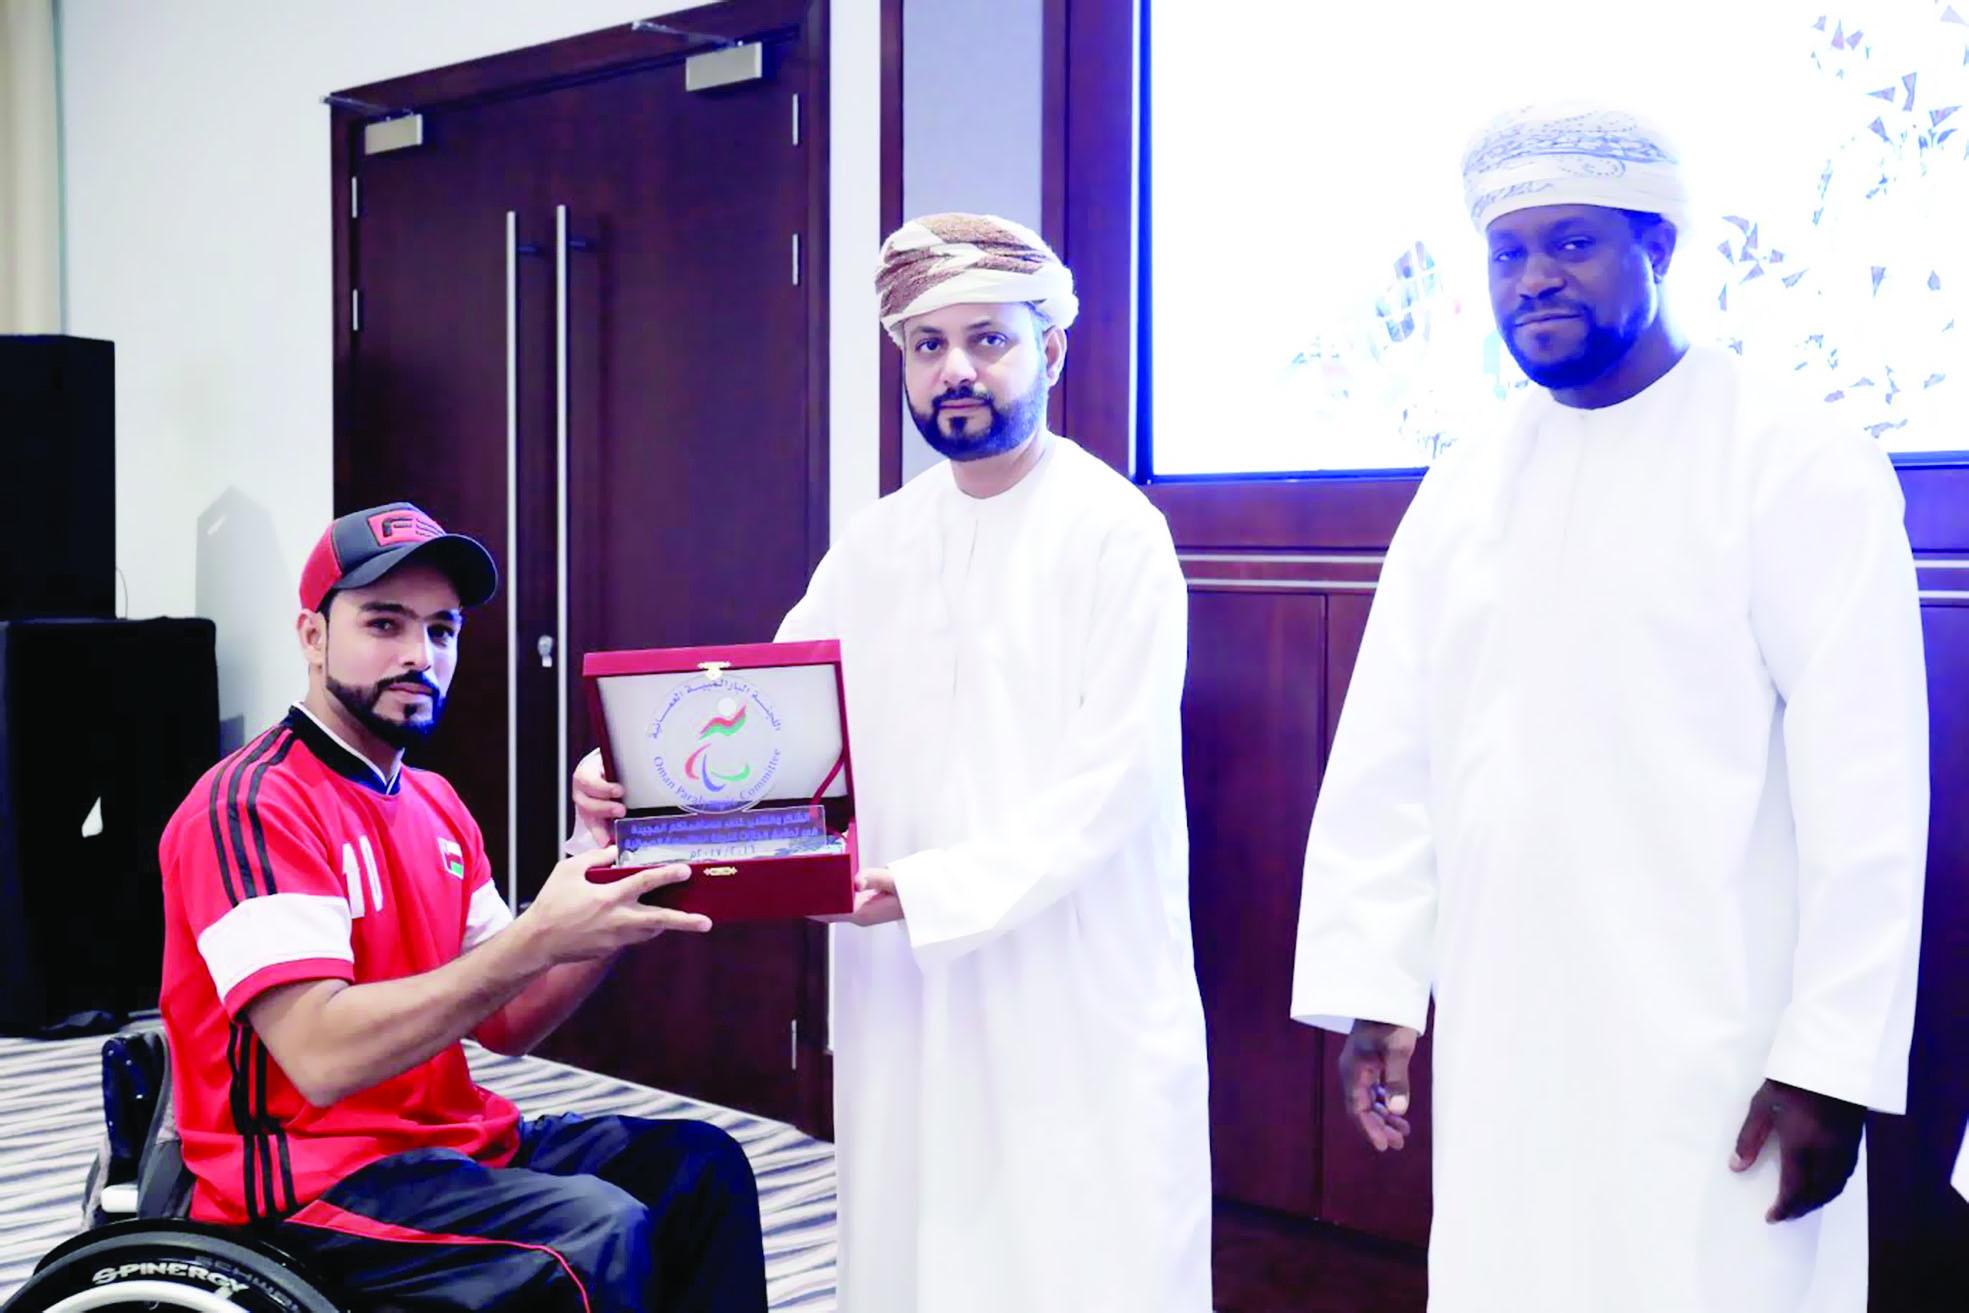 اللجنة البارالمبية العمانية تحتفل بتكريم أبطال منتخبنا الوطني لذوي الإعاقة